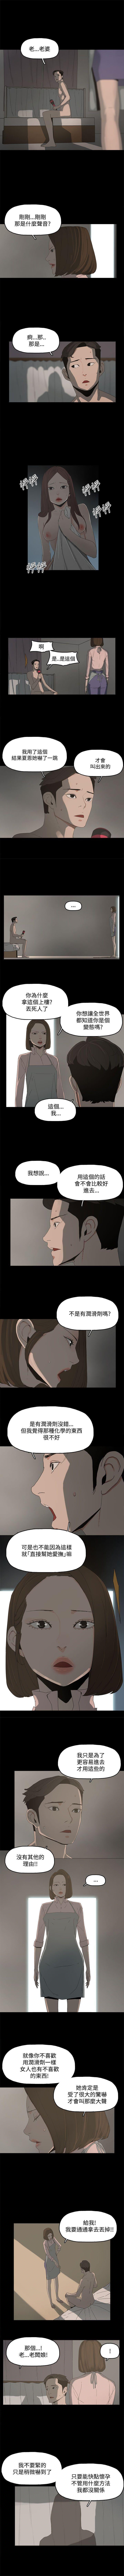 代理孕母 11 [Chinese] Manhwa 2